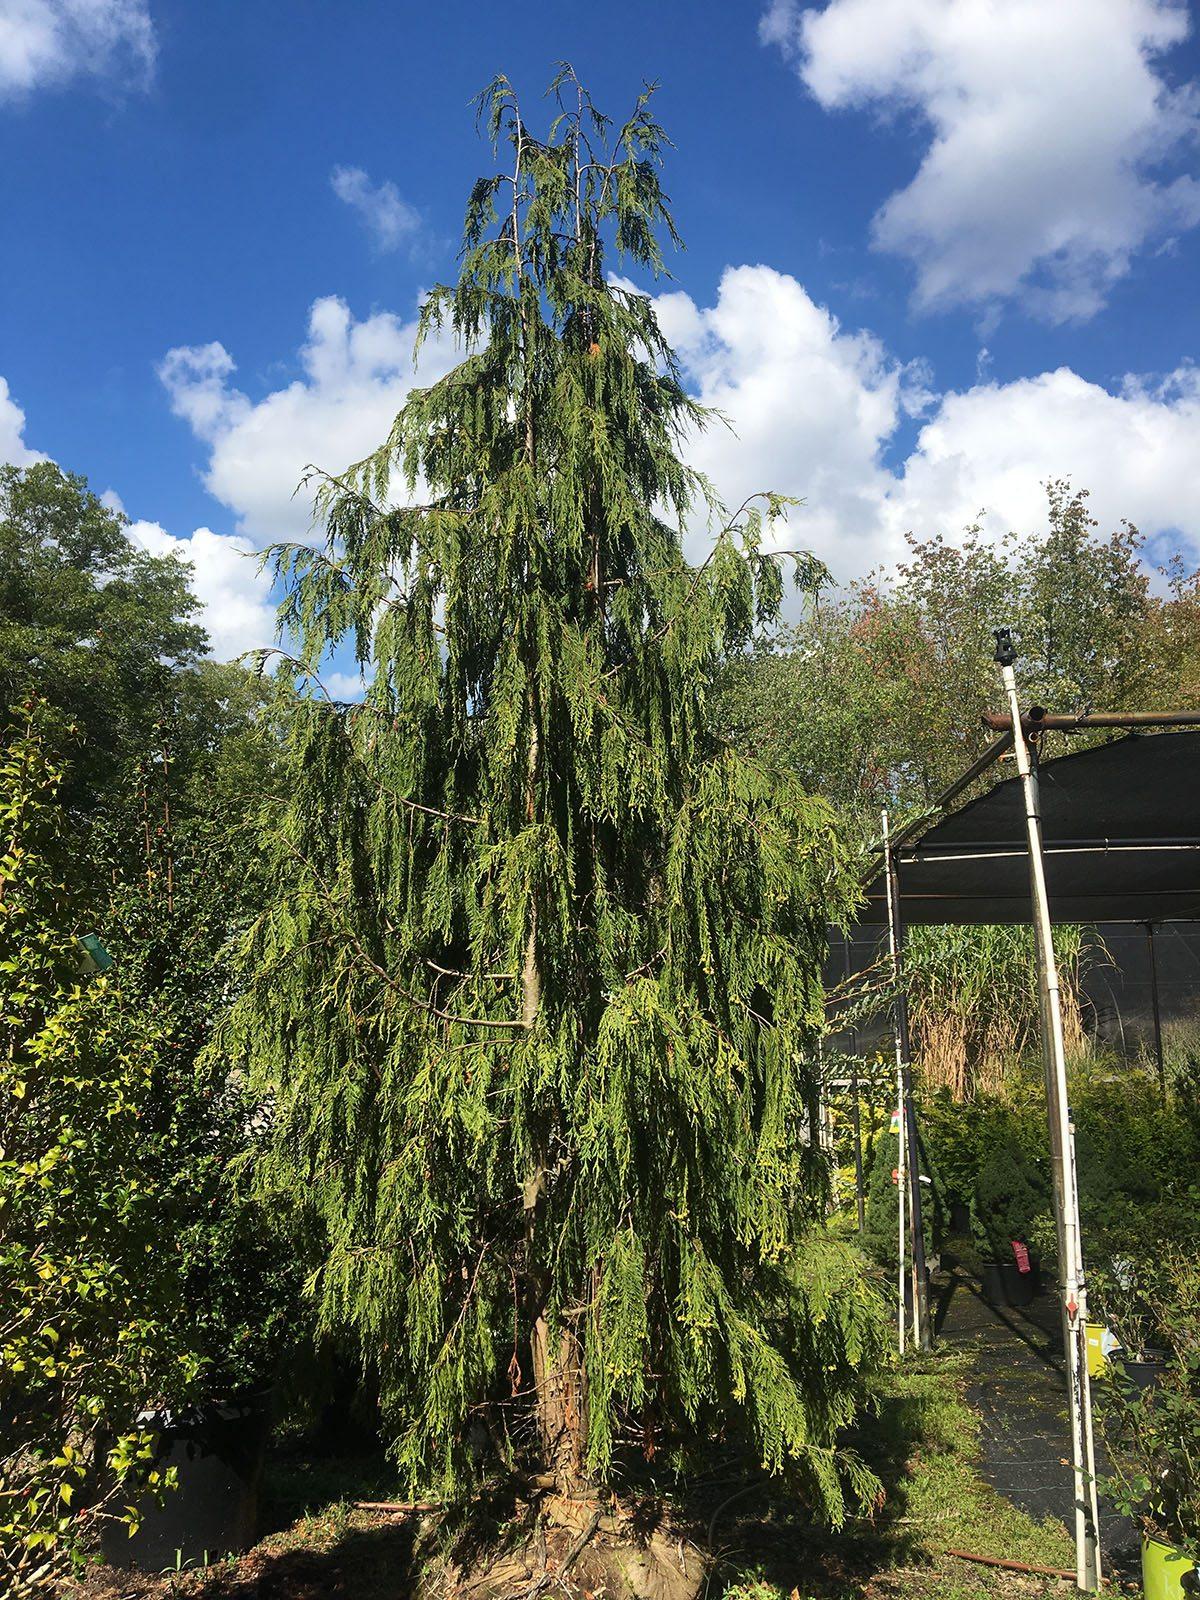 Trees at Hopkins Hill Nursery